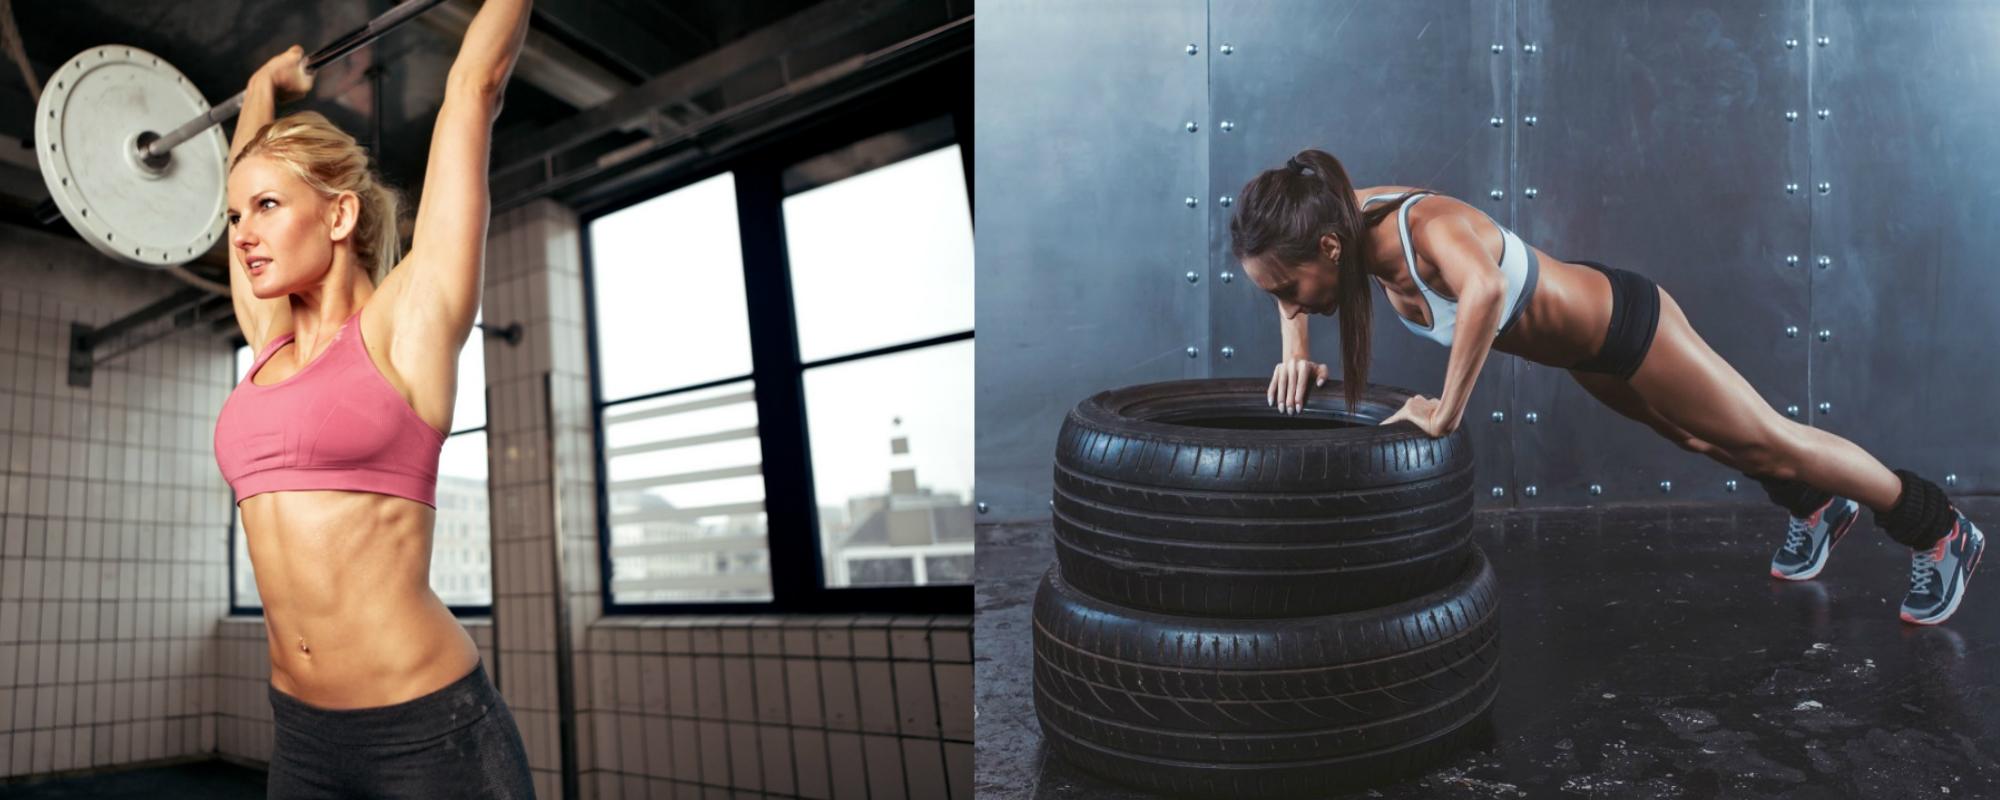 upper body strength training.jpg